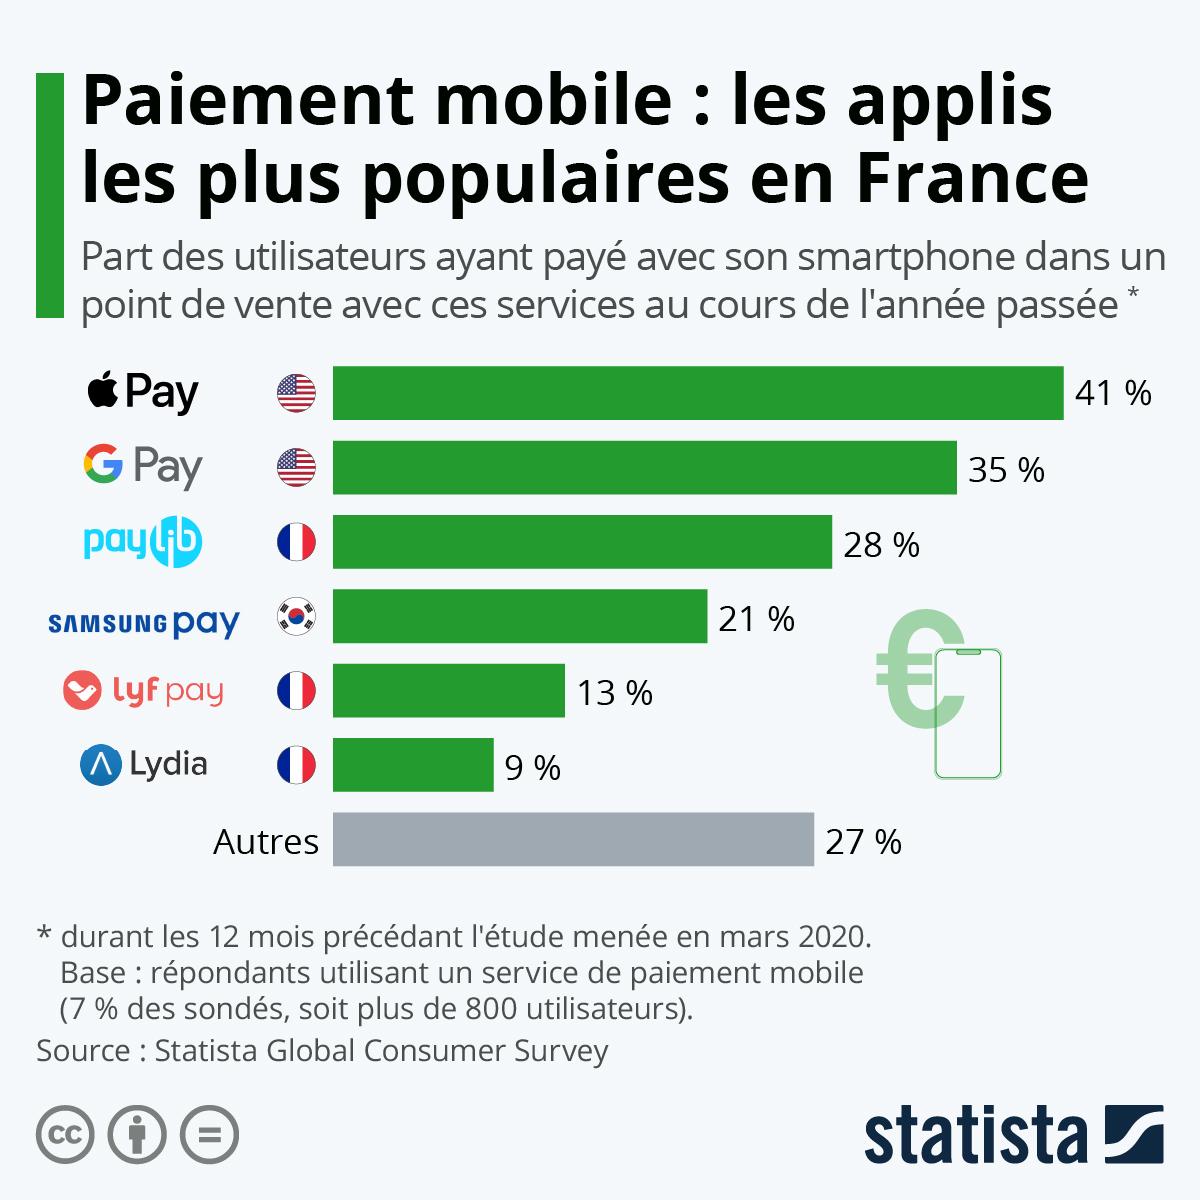 Etude sur le paiement mobile en France